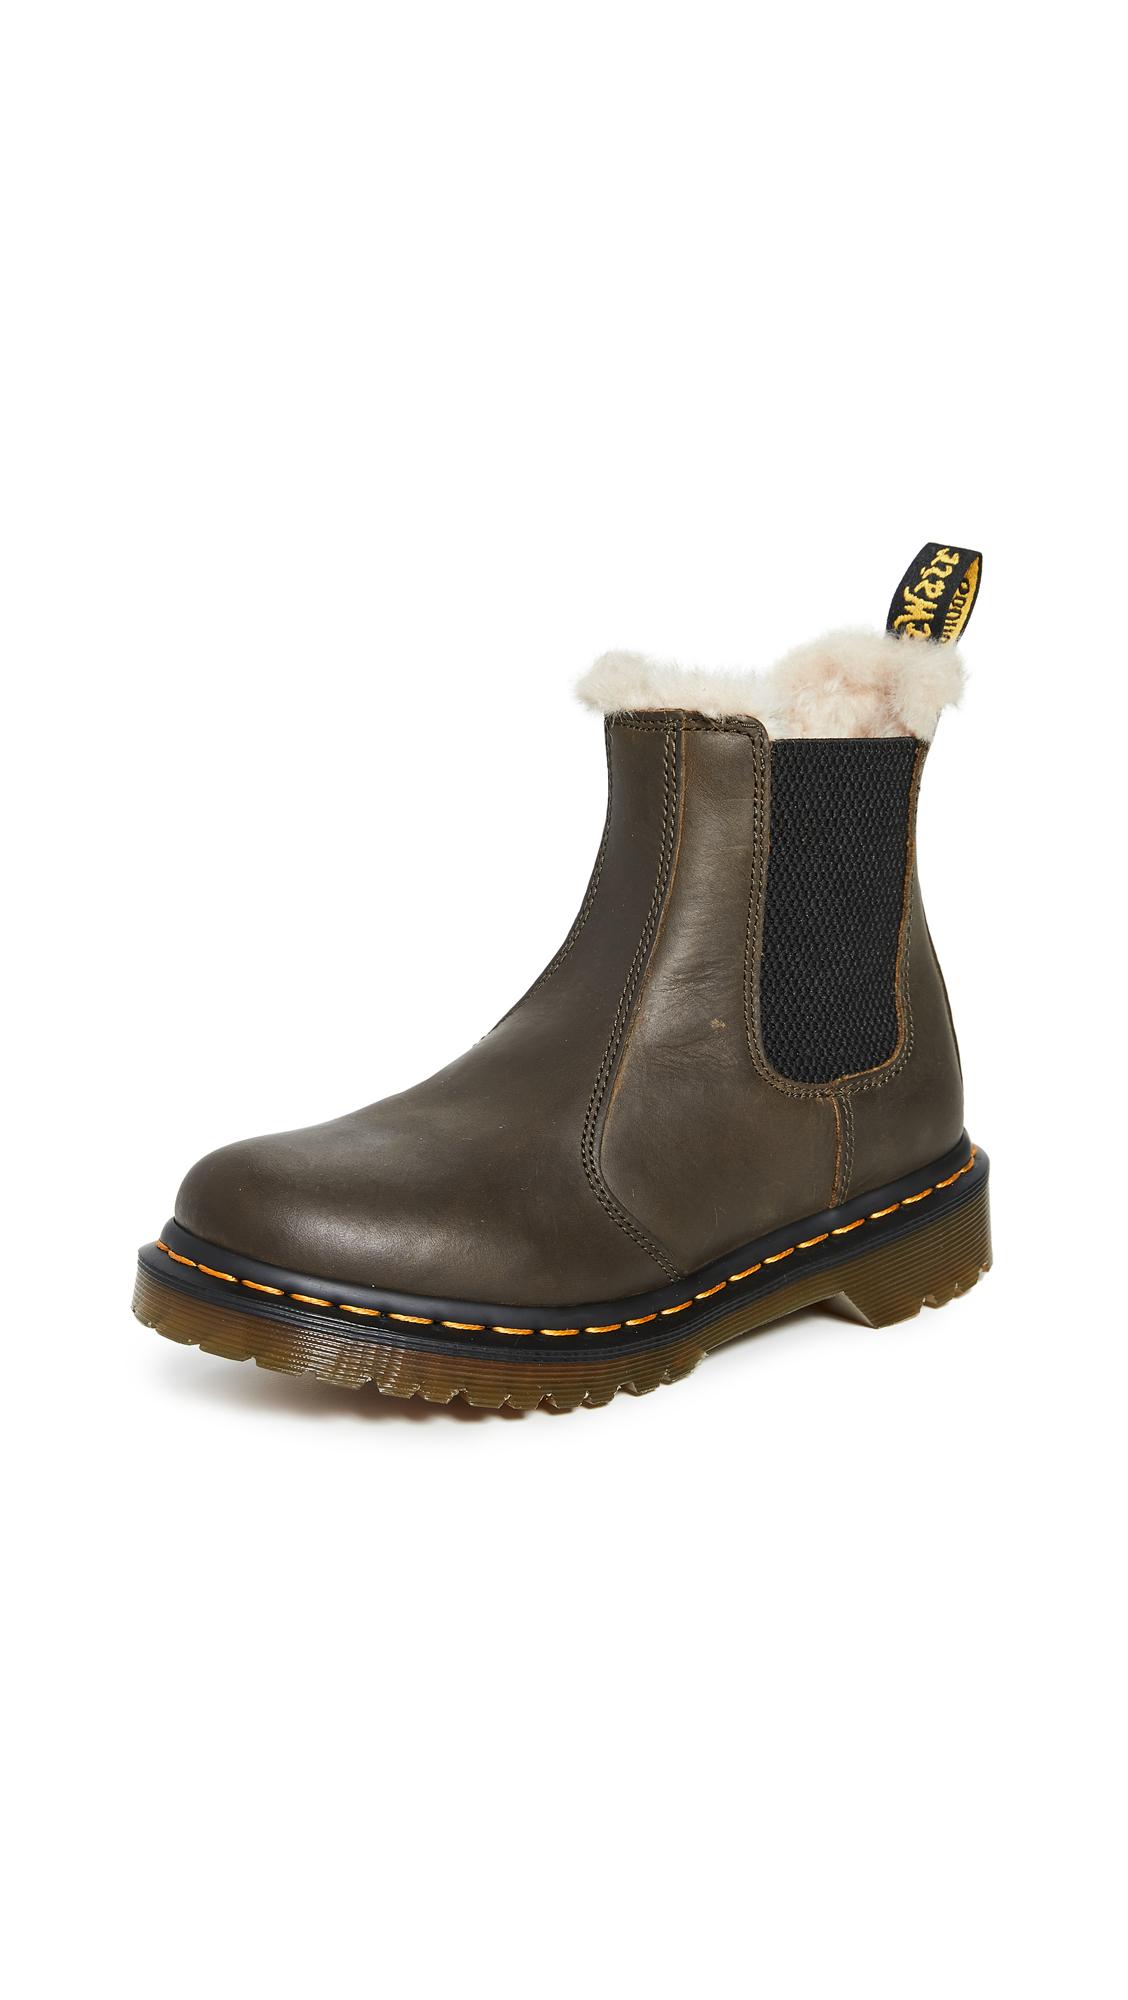 Buy Dr. Martens 2976 Leonore Chelsea Boots online, shop Dr. Martens